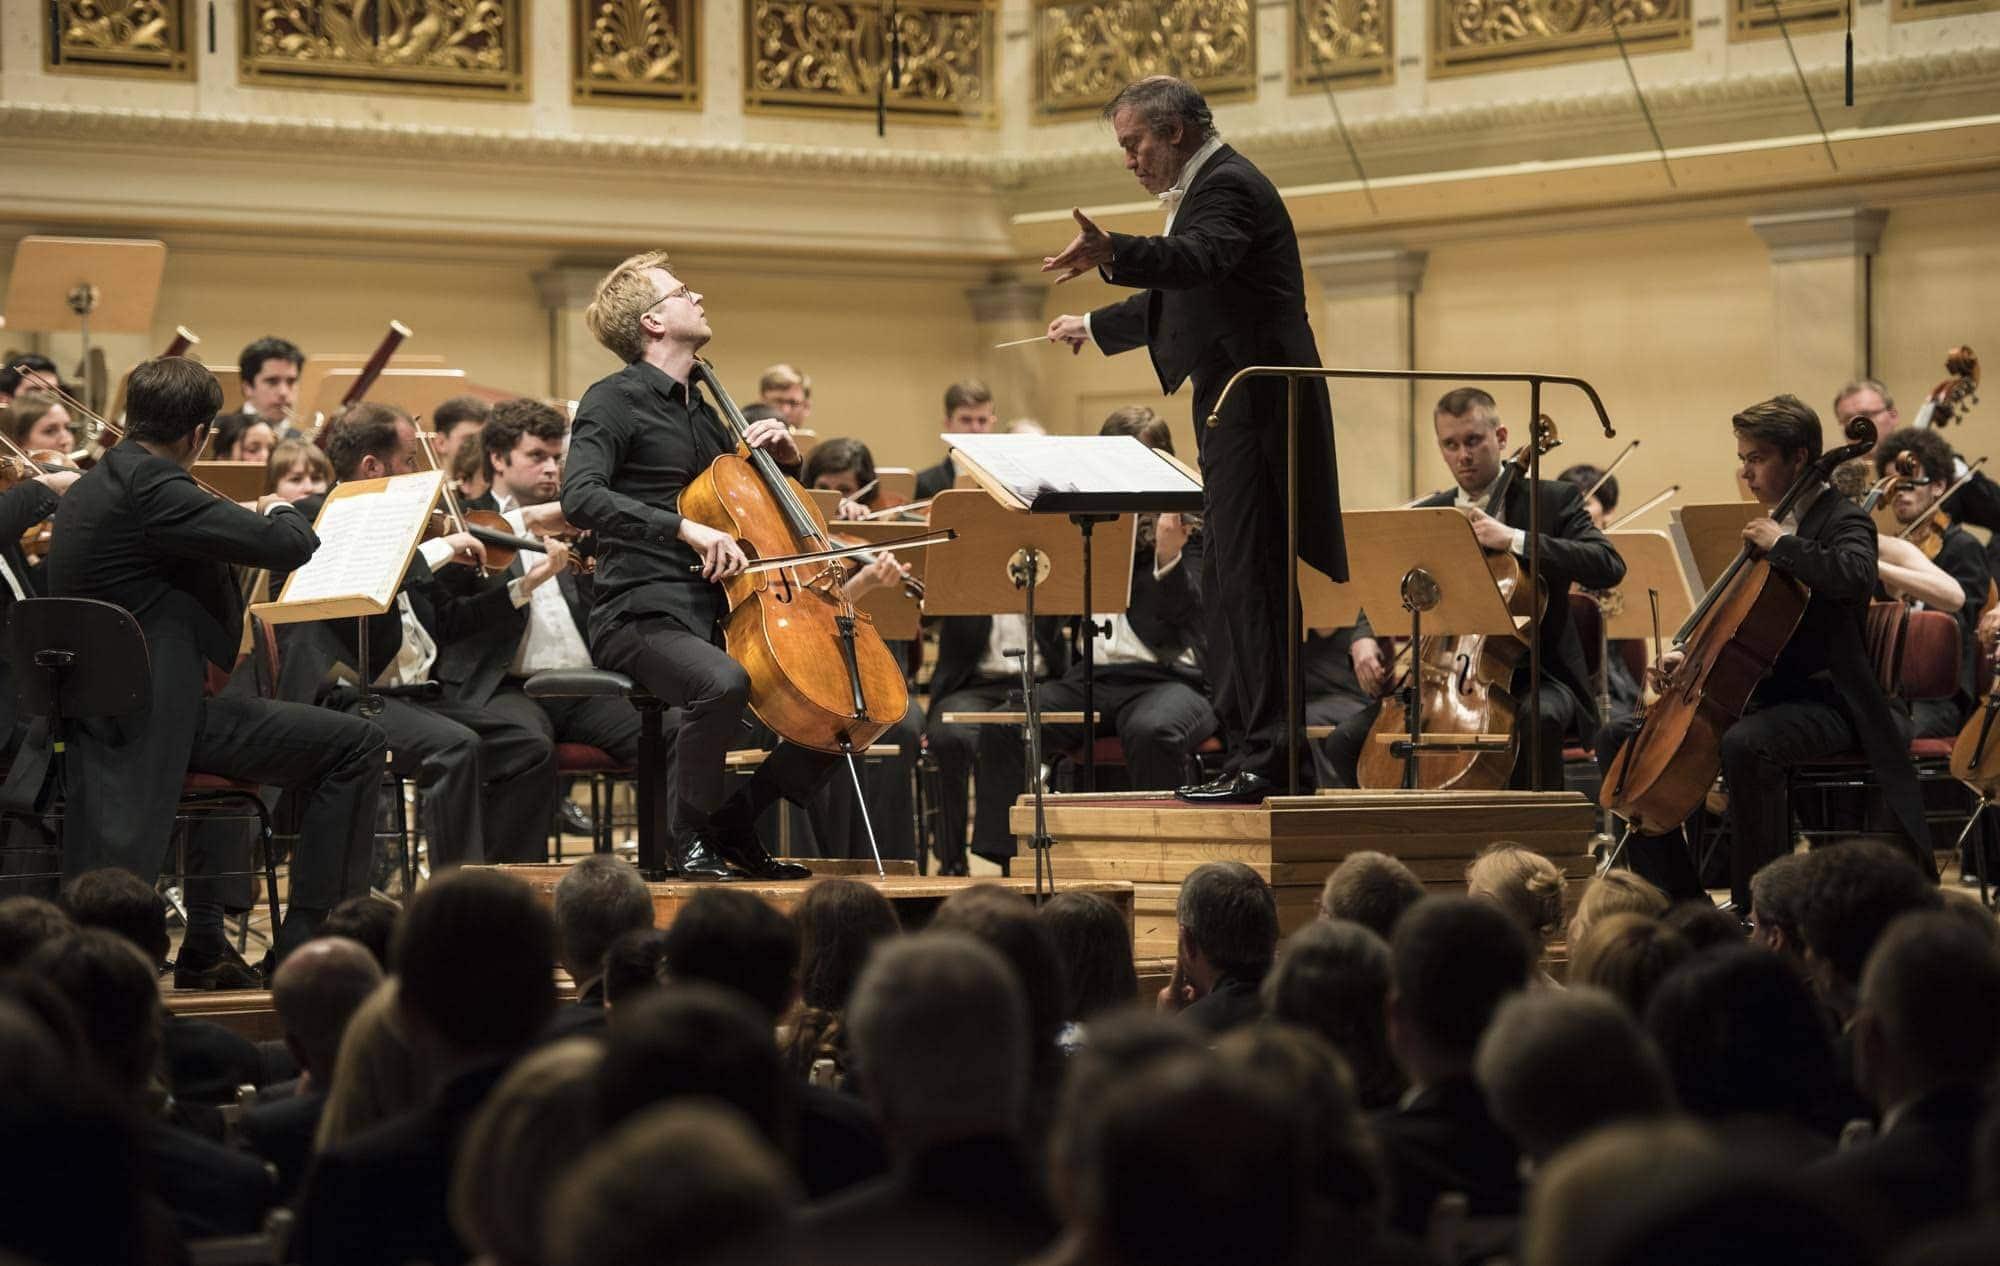 Молодежный оркестр Российско-немецкой музыкальной Академии, Юлиан Штекель, Валерий Гергиев. Фото - RCCR-Projects Berlin.